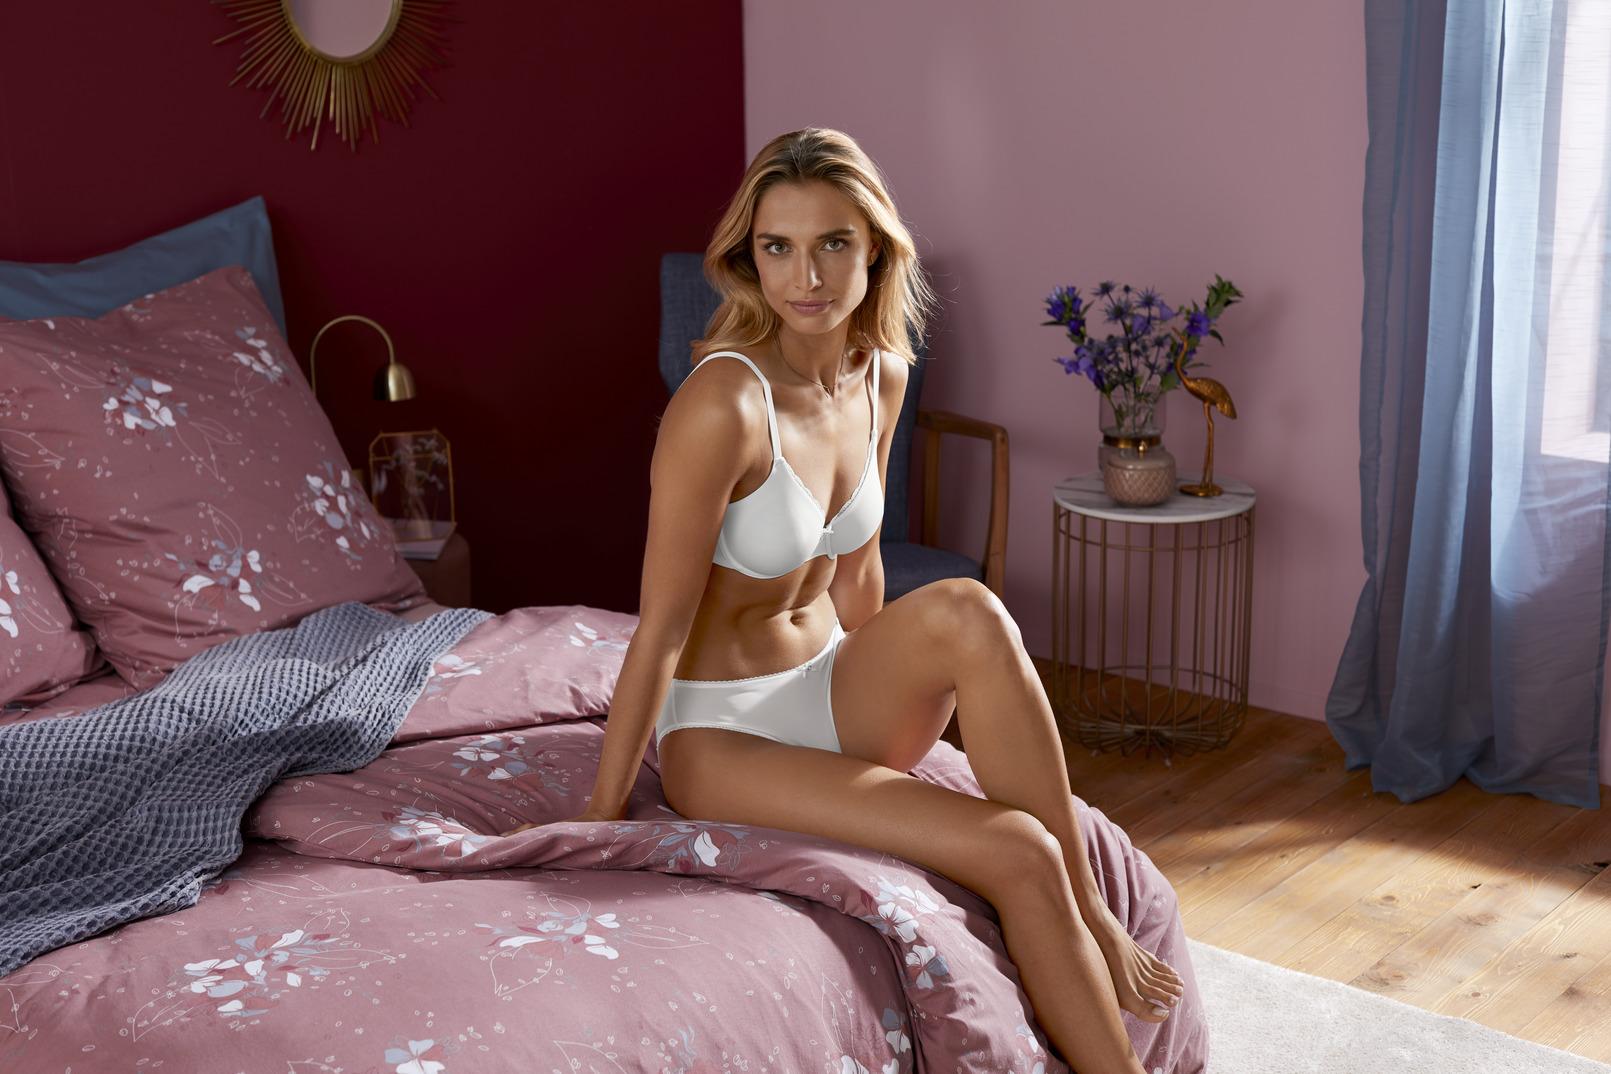 e330286fdda2c3 Strona domowa Lifestyle Wygodna bielizna damska, która zapewni przyjemne  samopoczucie od rana do wieczora